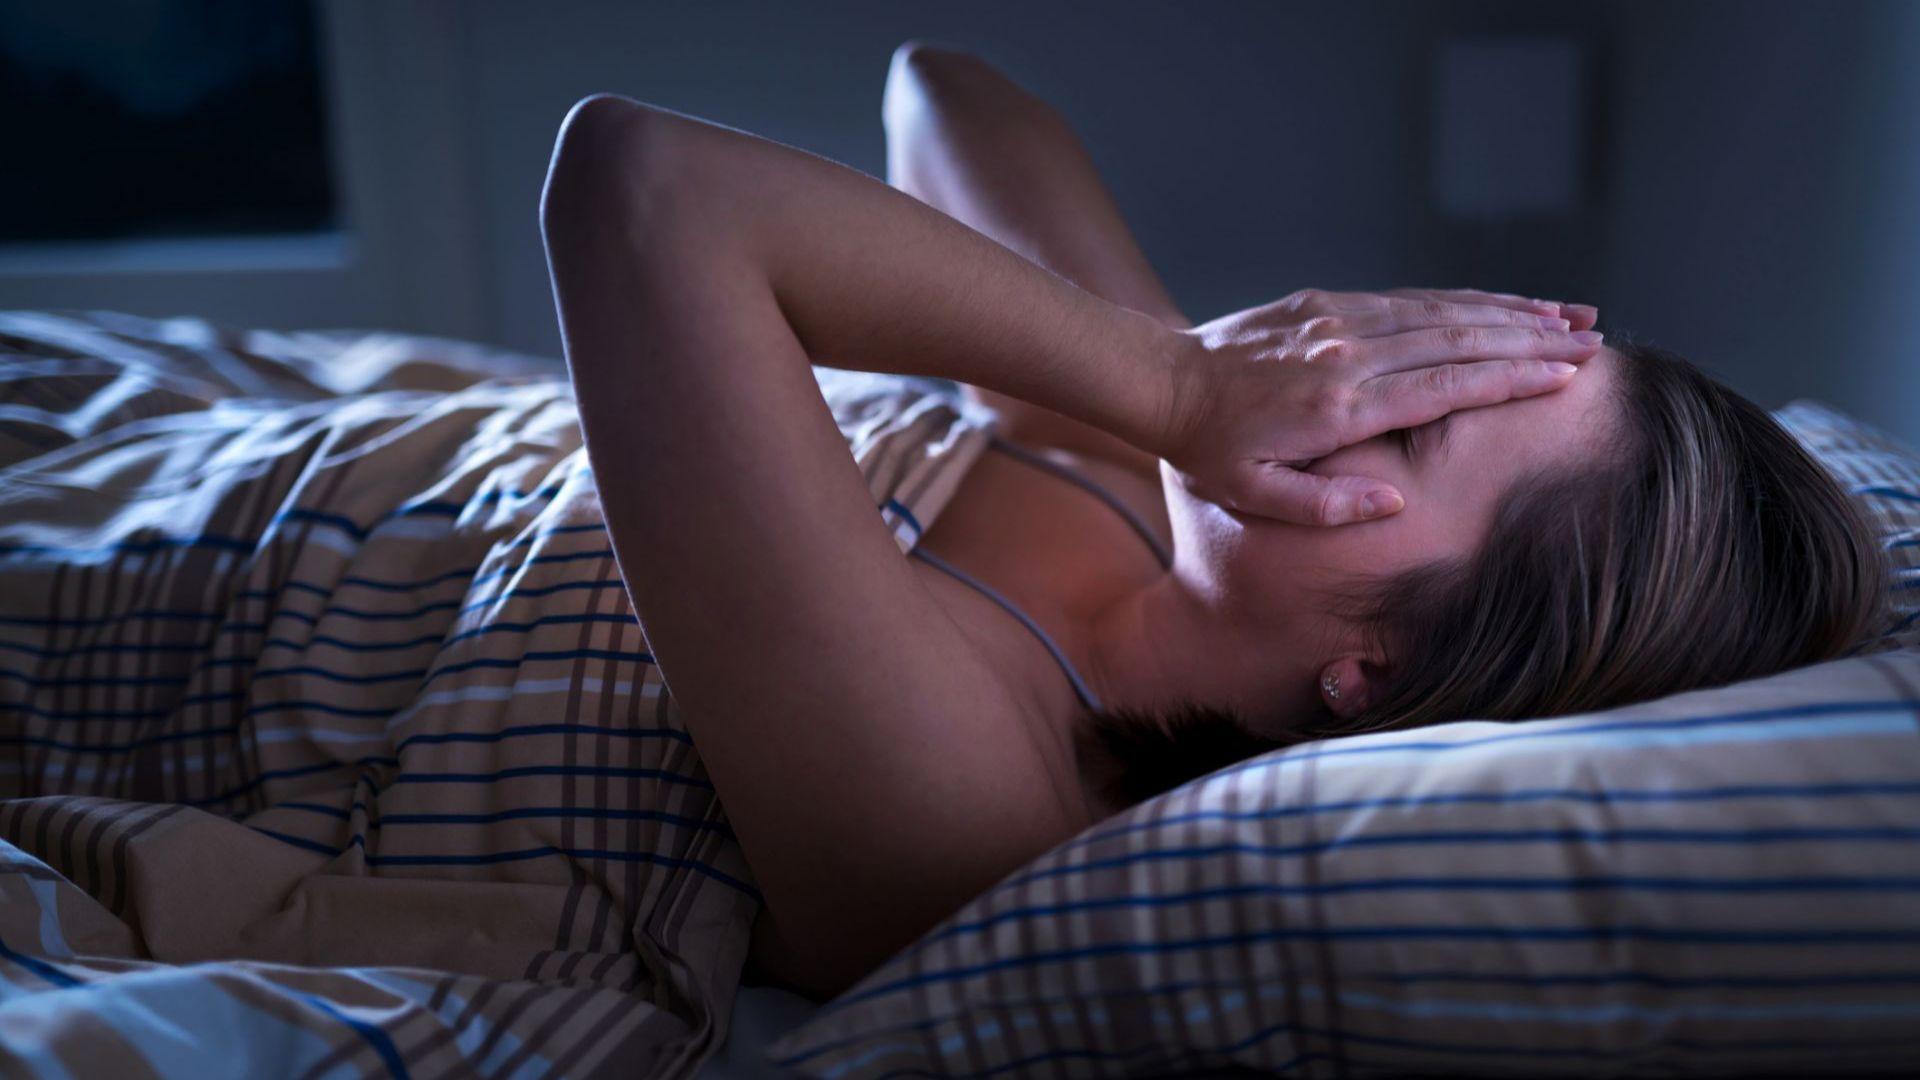 Каква е ползата от нощните кошмари